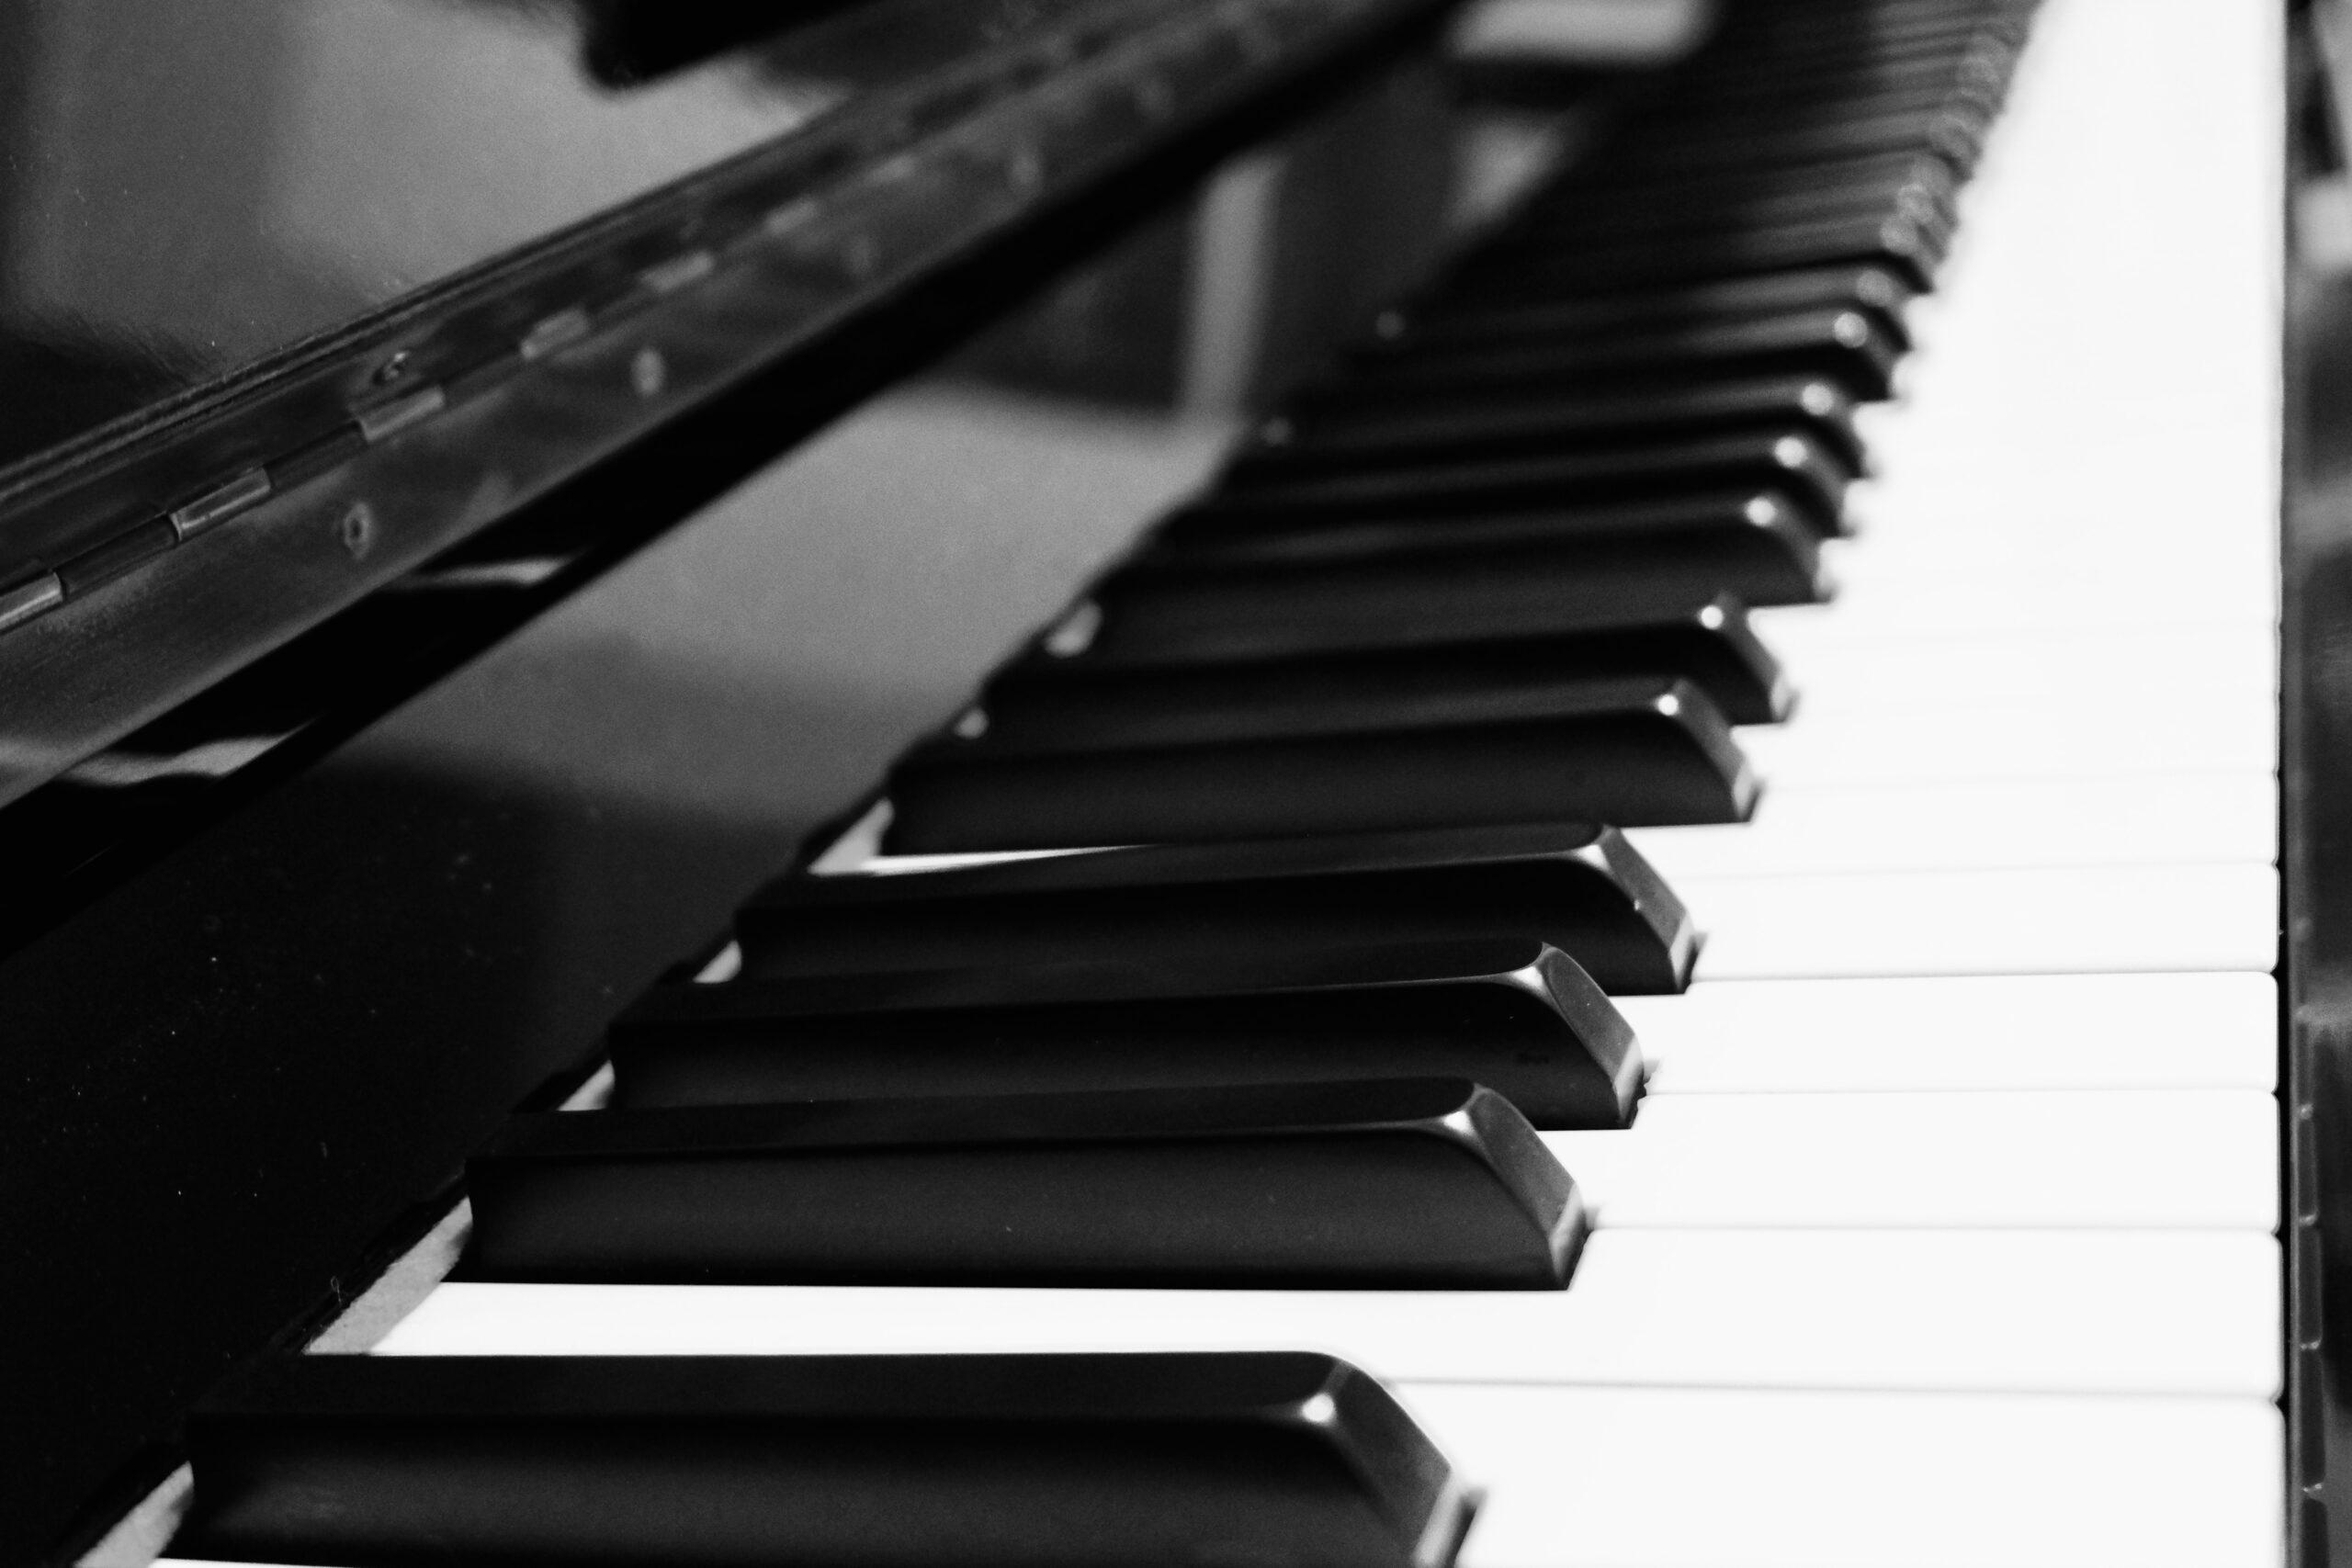 Finalmente sarà pubblicata la canzone ventimigliese  rifiutata al Festival di Sanremo 2021